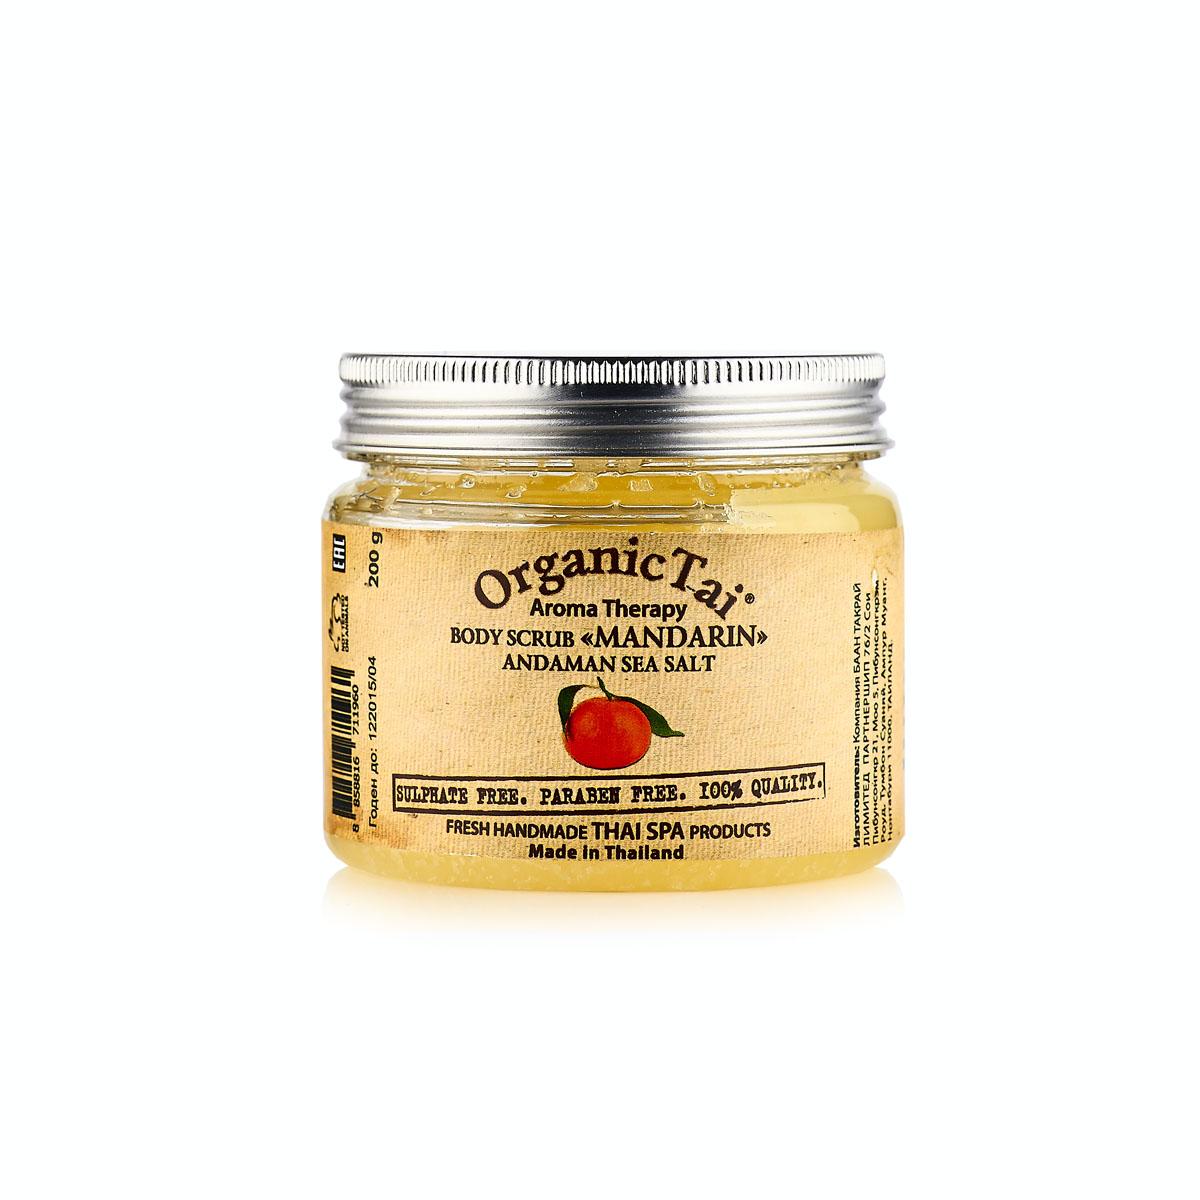 OrganicTai Скраб для тела на основе соли Андаманского моря «МАНДАРИН» 200 гр - Для мамы